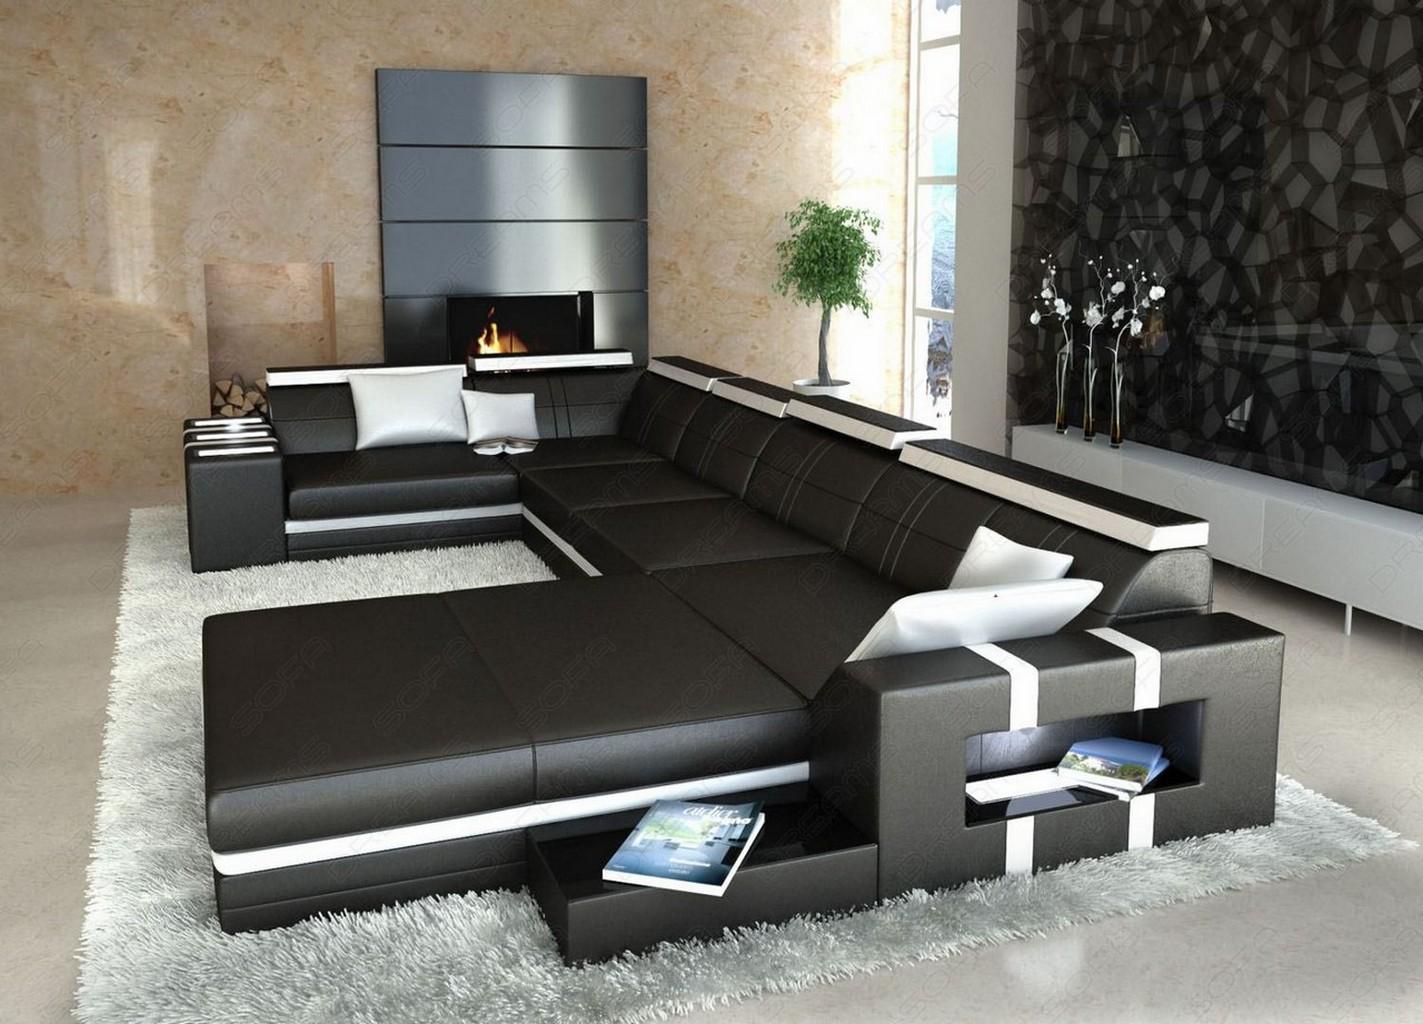 ledersofa asti u form schwarz weiss wohnlandschaft mit licht. Black Bedroom Furniture Sets. Home Design Ideas